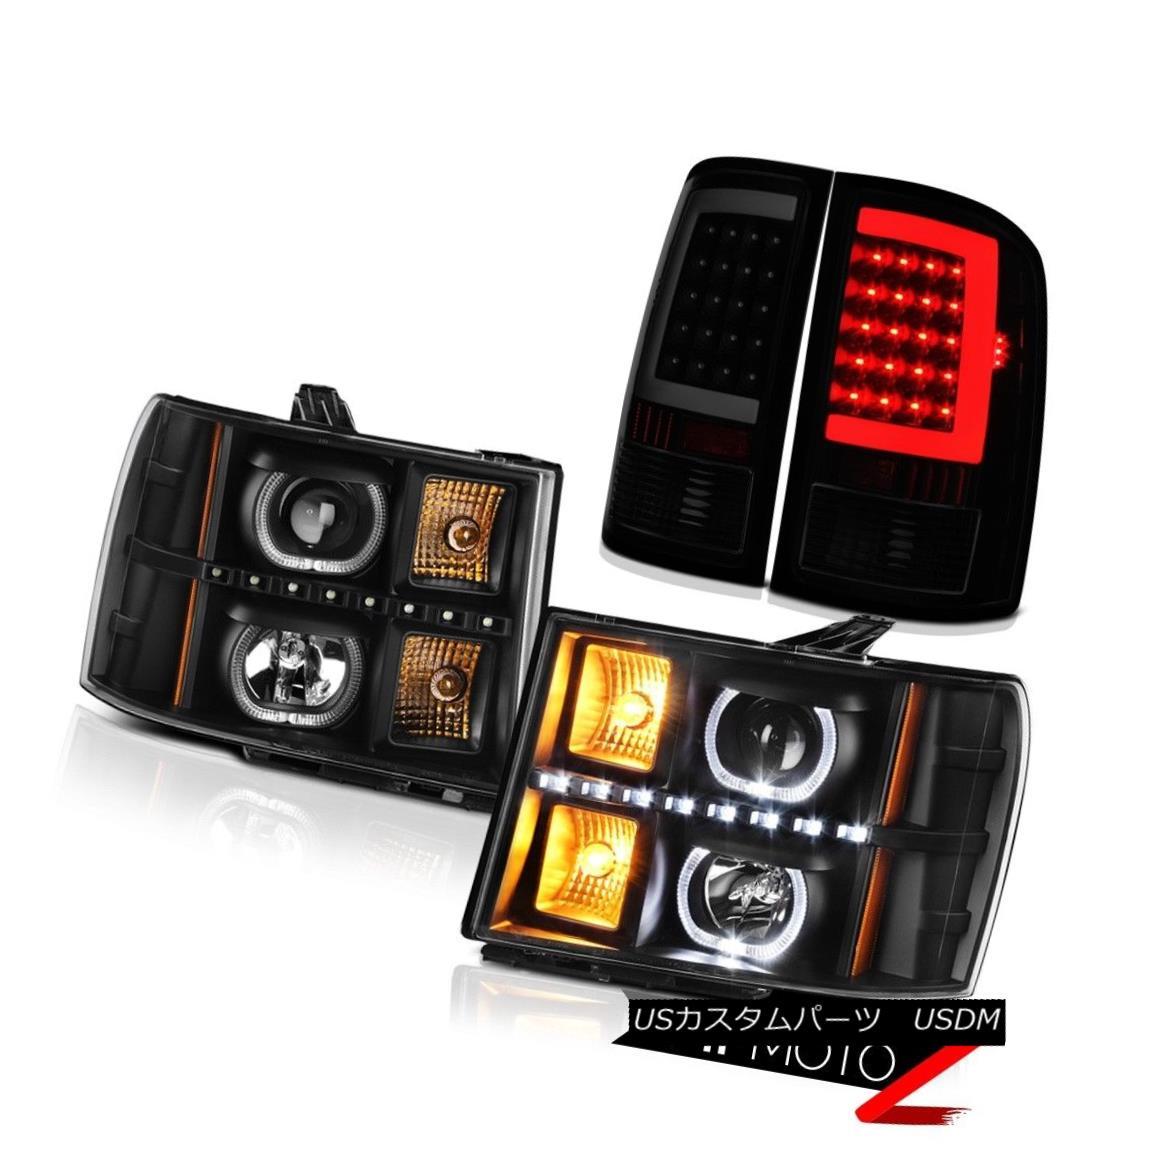 テールライト 2007-2013 Sierrra 1500 XFE Taillights Black Headlights LED Angel Eyes Dual Halo 2007年?2013年シエラ1500 XFEテールライトブラックヘッドライトLEDエンジェルアイデュアルヘイロー